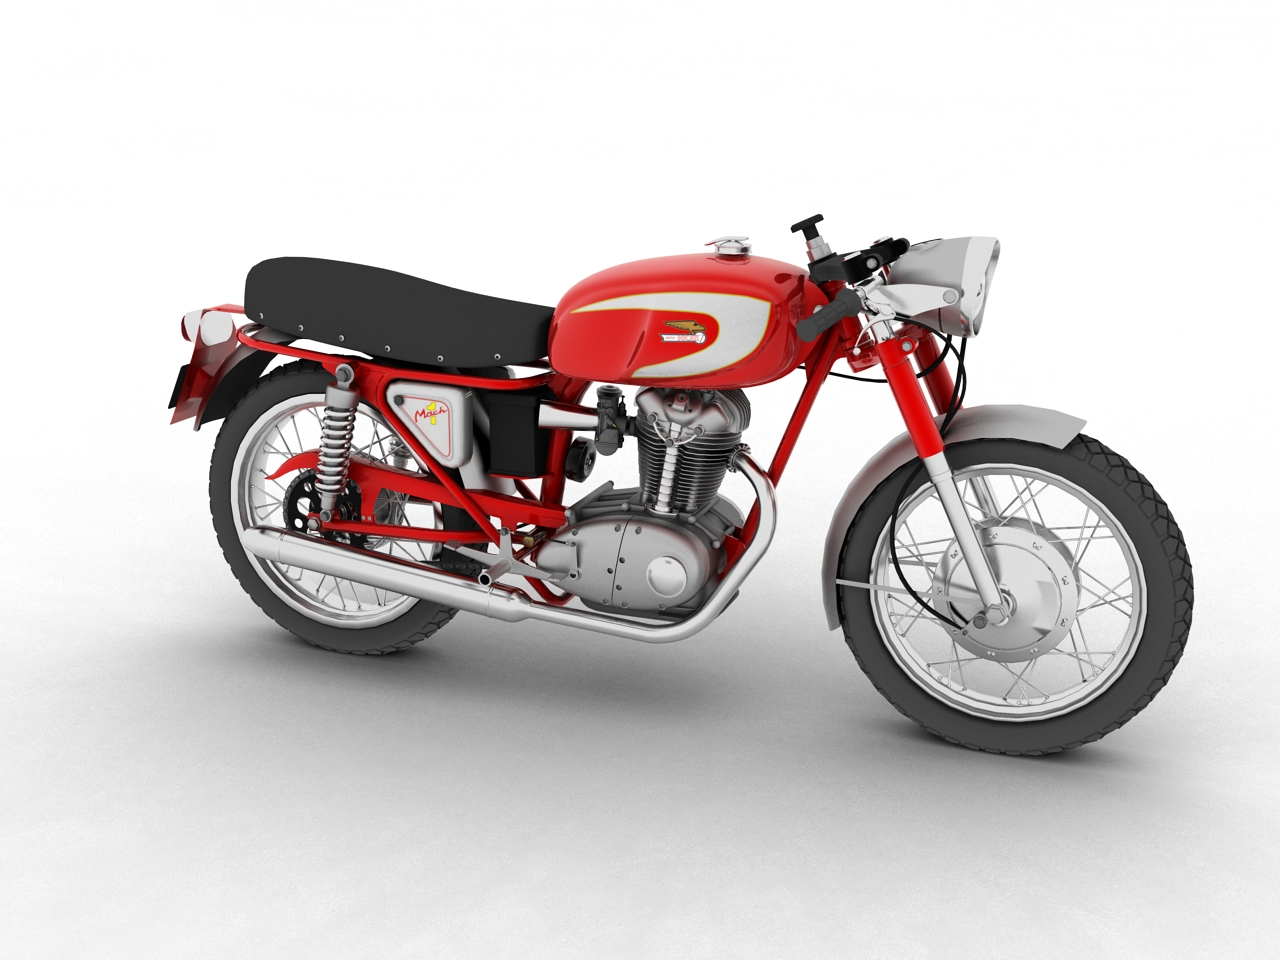 ducati 250 mach 1 1964 3d model 3ds max fbx c4d obj 154923